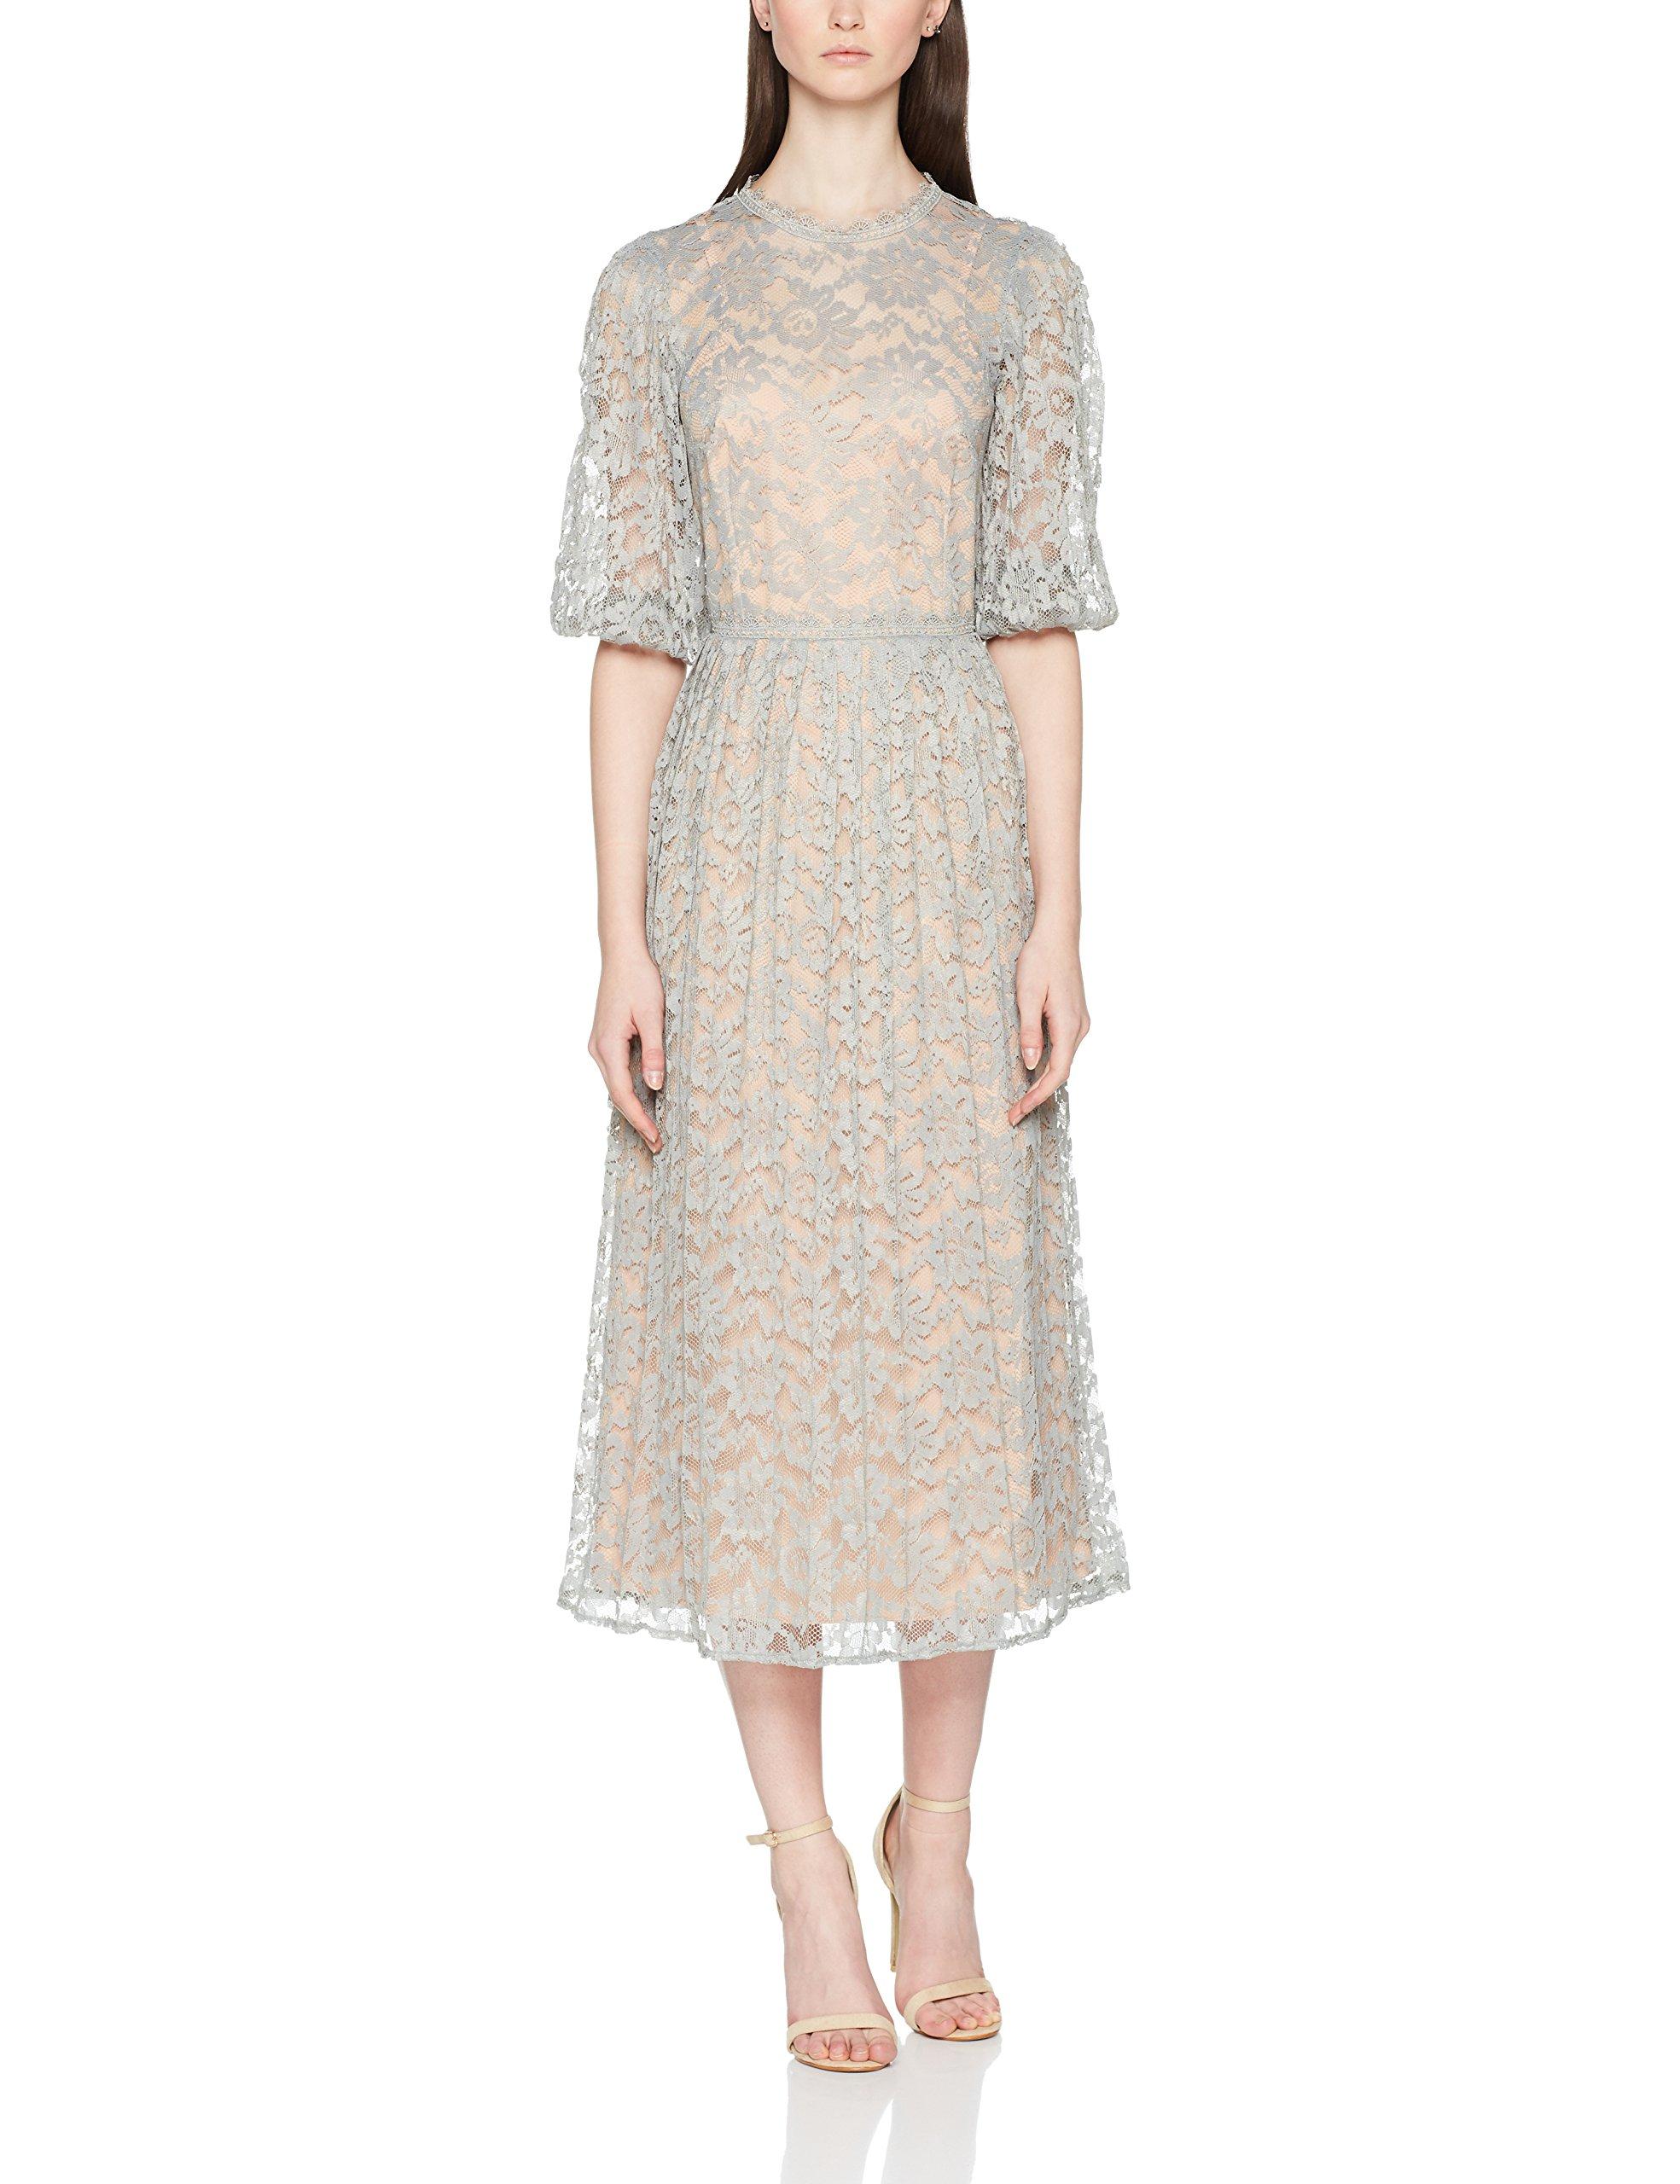 Little 00140 Contrast Femme Lace Dress RobeVert Pleats Mistress Waterlily With vmOynN80w